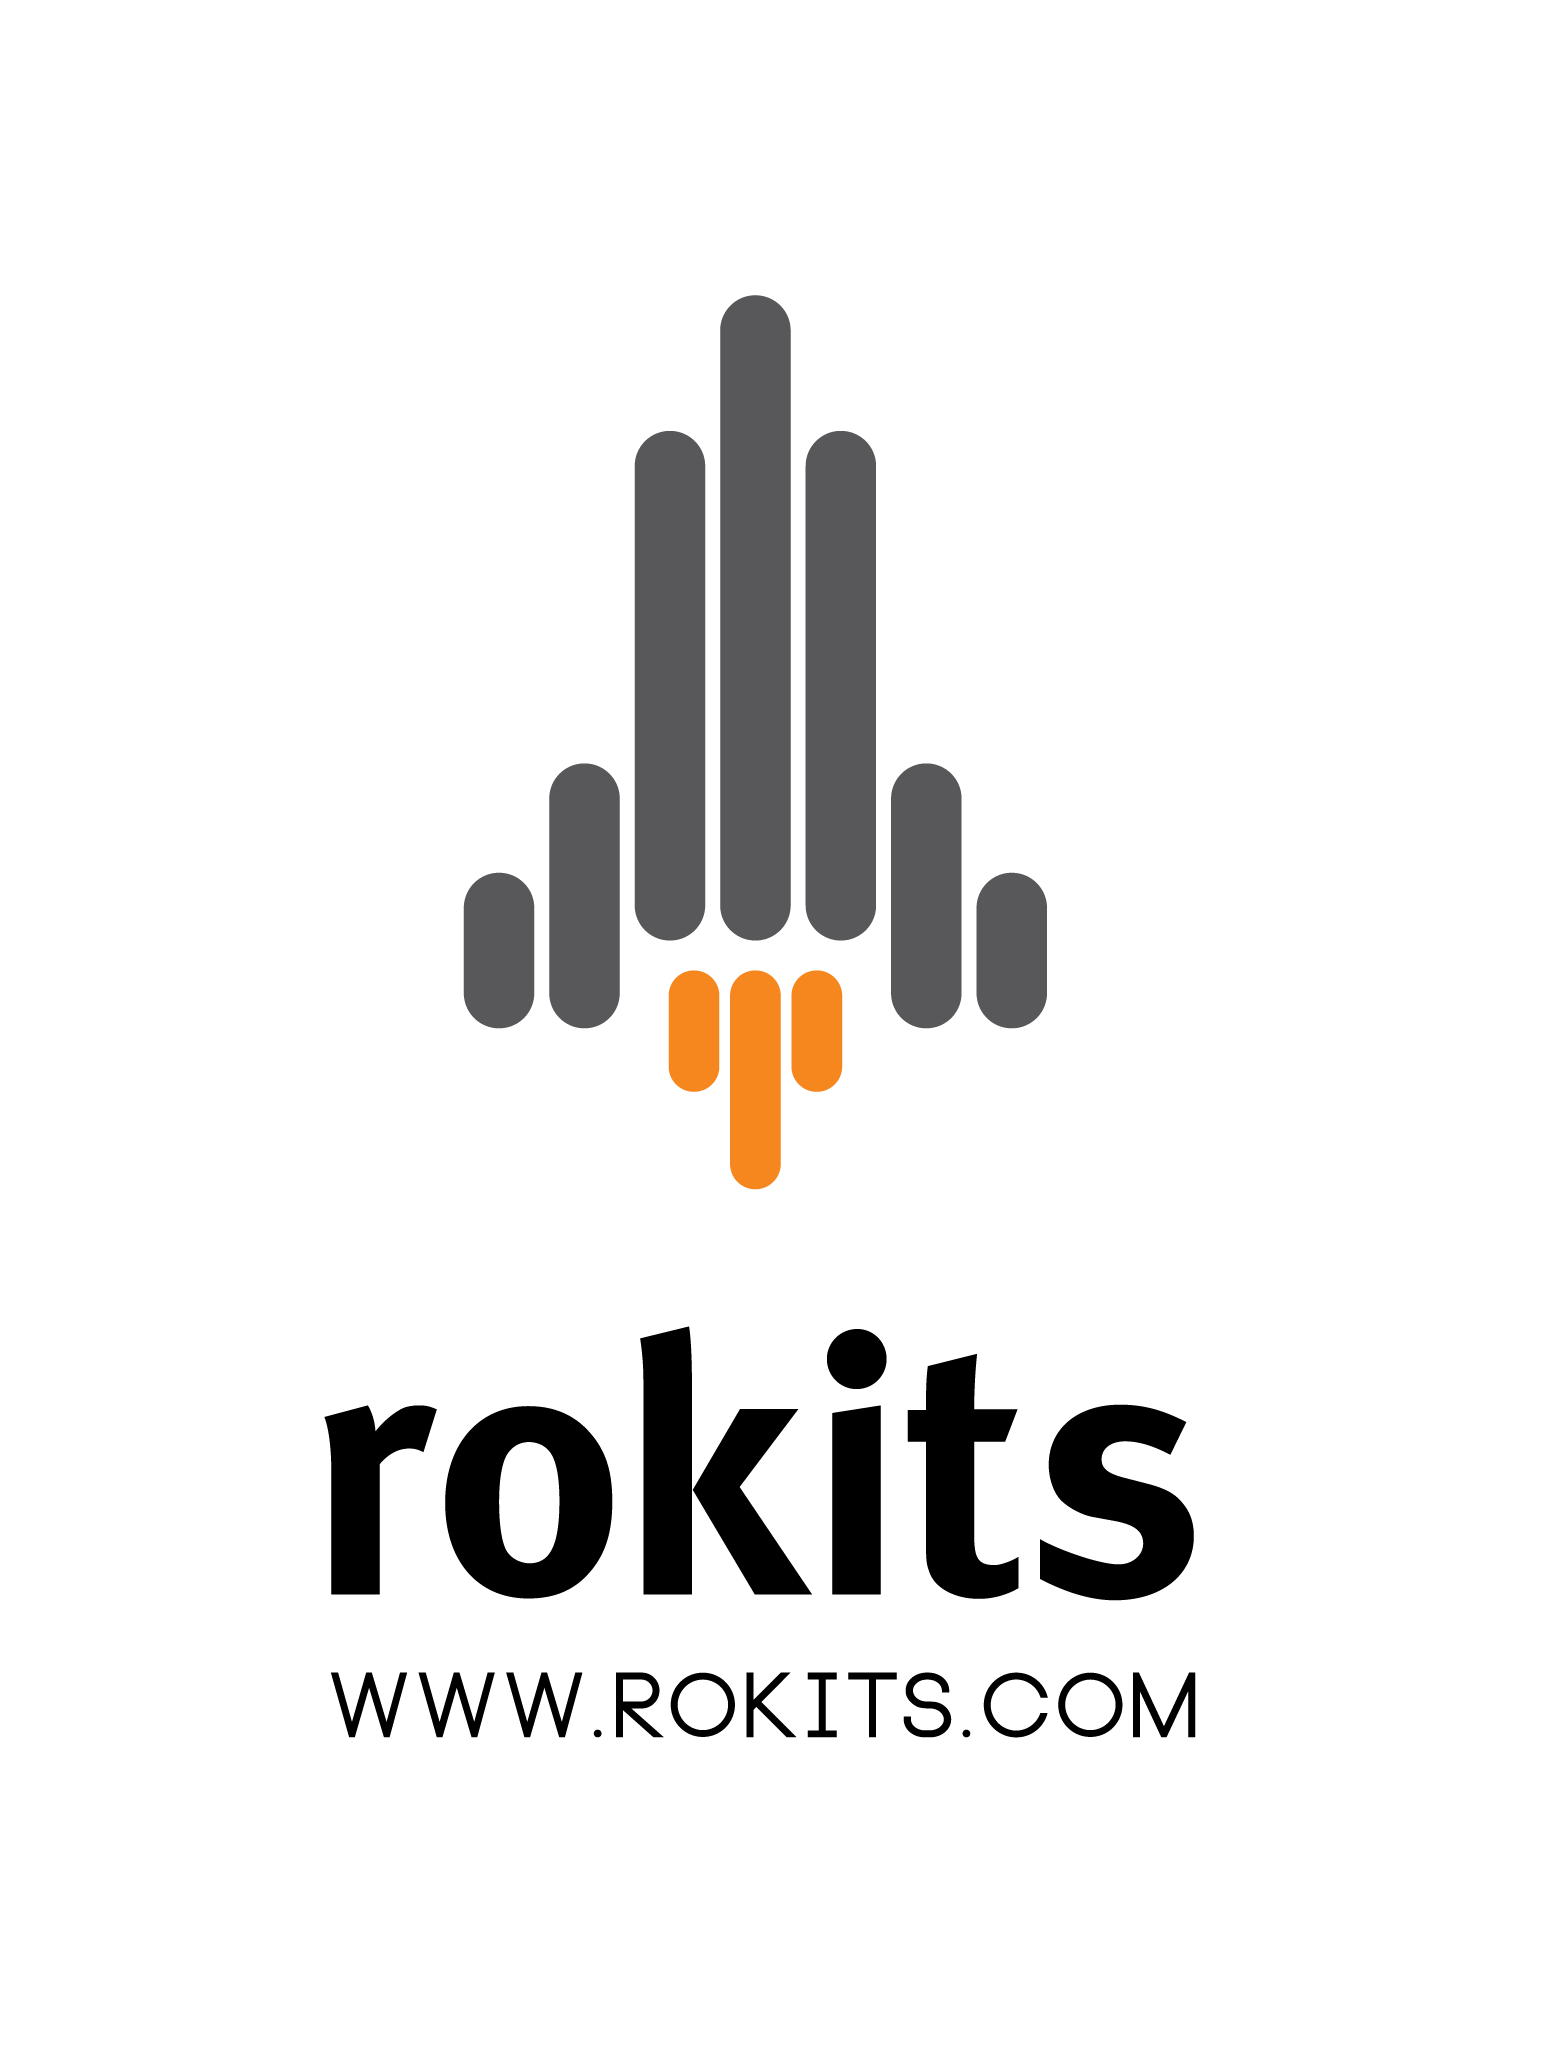 Rokits